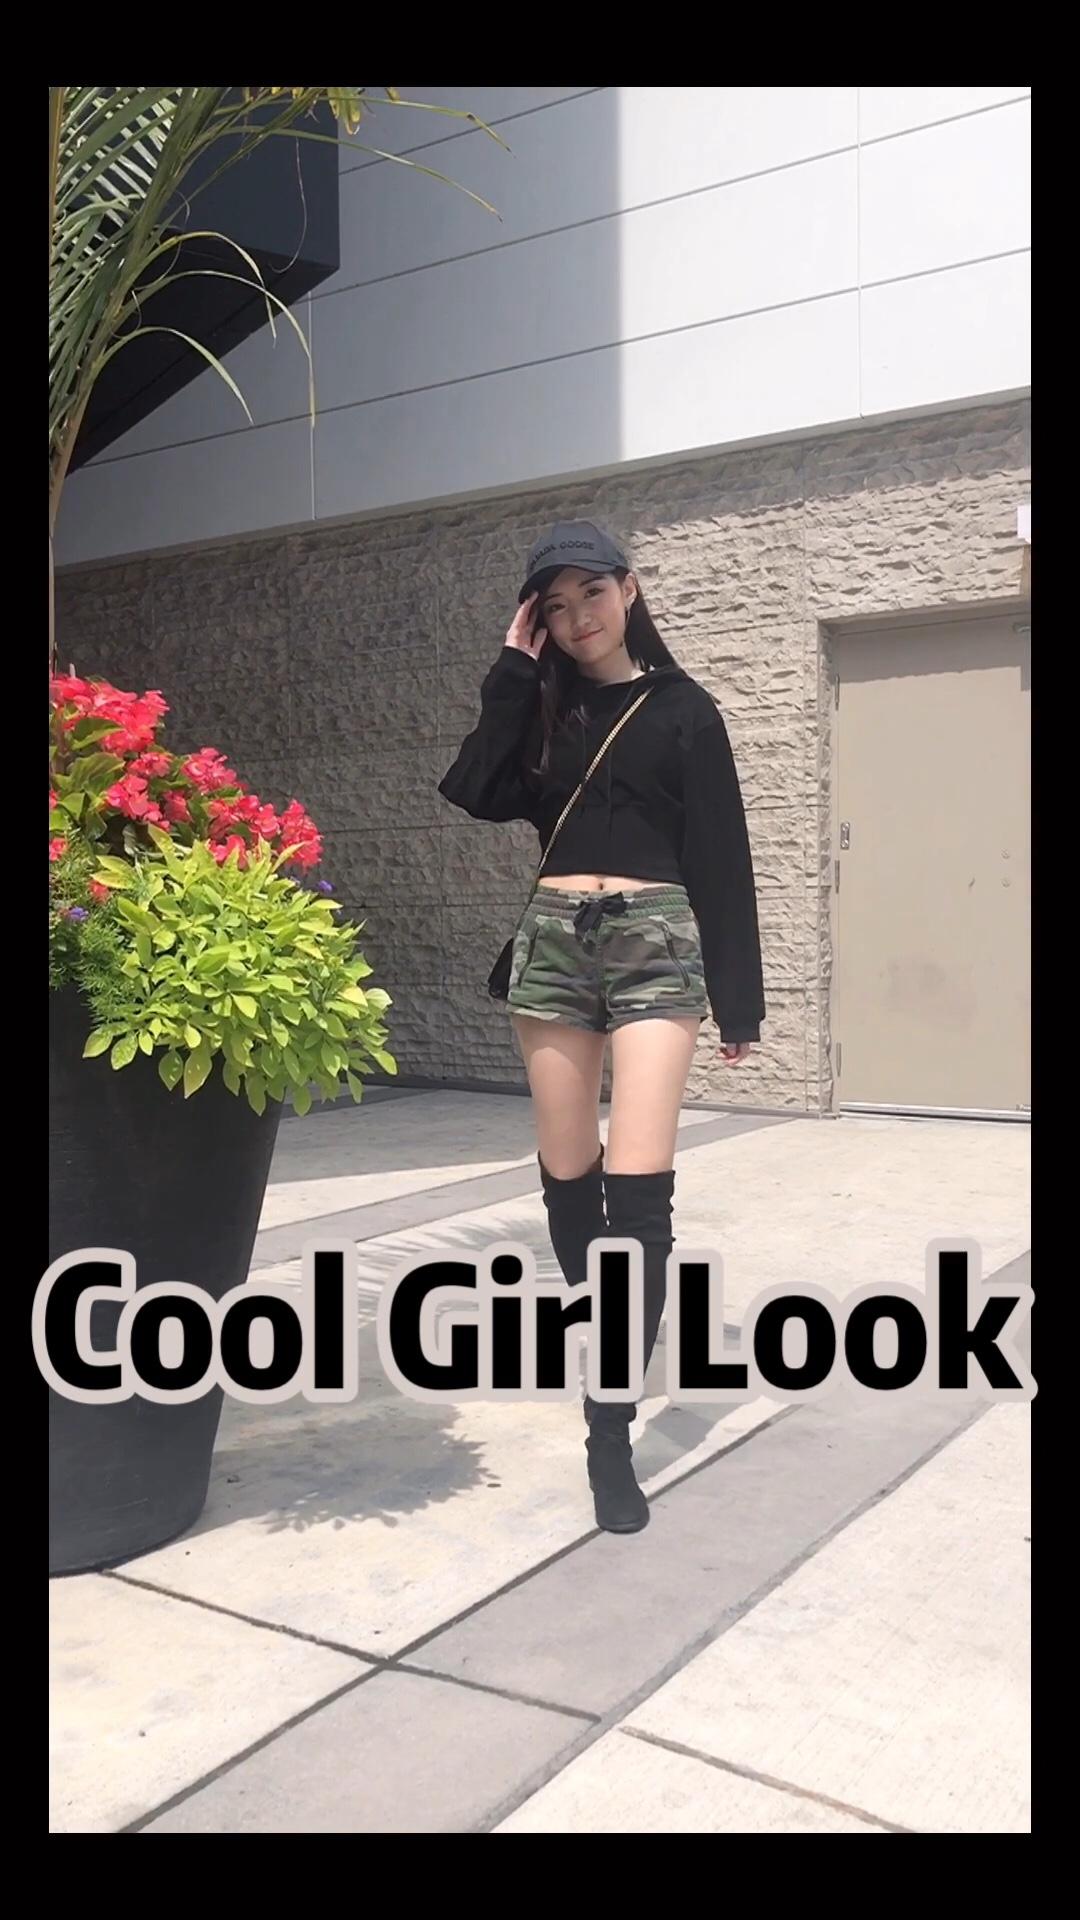 #618一天入手,30天穿搭不重样!#  旅行穿搭一定少不了军绿色 想要酷一点可以选择更加中性的迷彩风格哦 一样可以穿出迷人又帅气的一面!  look1:随性的短t搭配不规则设计军绿色半身裙 配上Rebecca minkoff军绿铆钉包 更有气质  look2:高筒靴搭配短裤 不热 也会很显高显腿瘦哦!